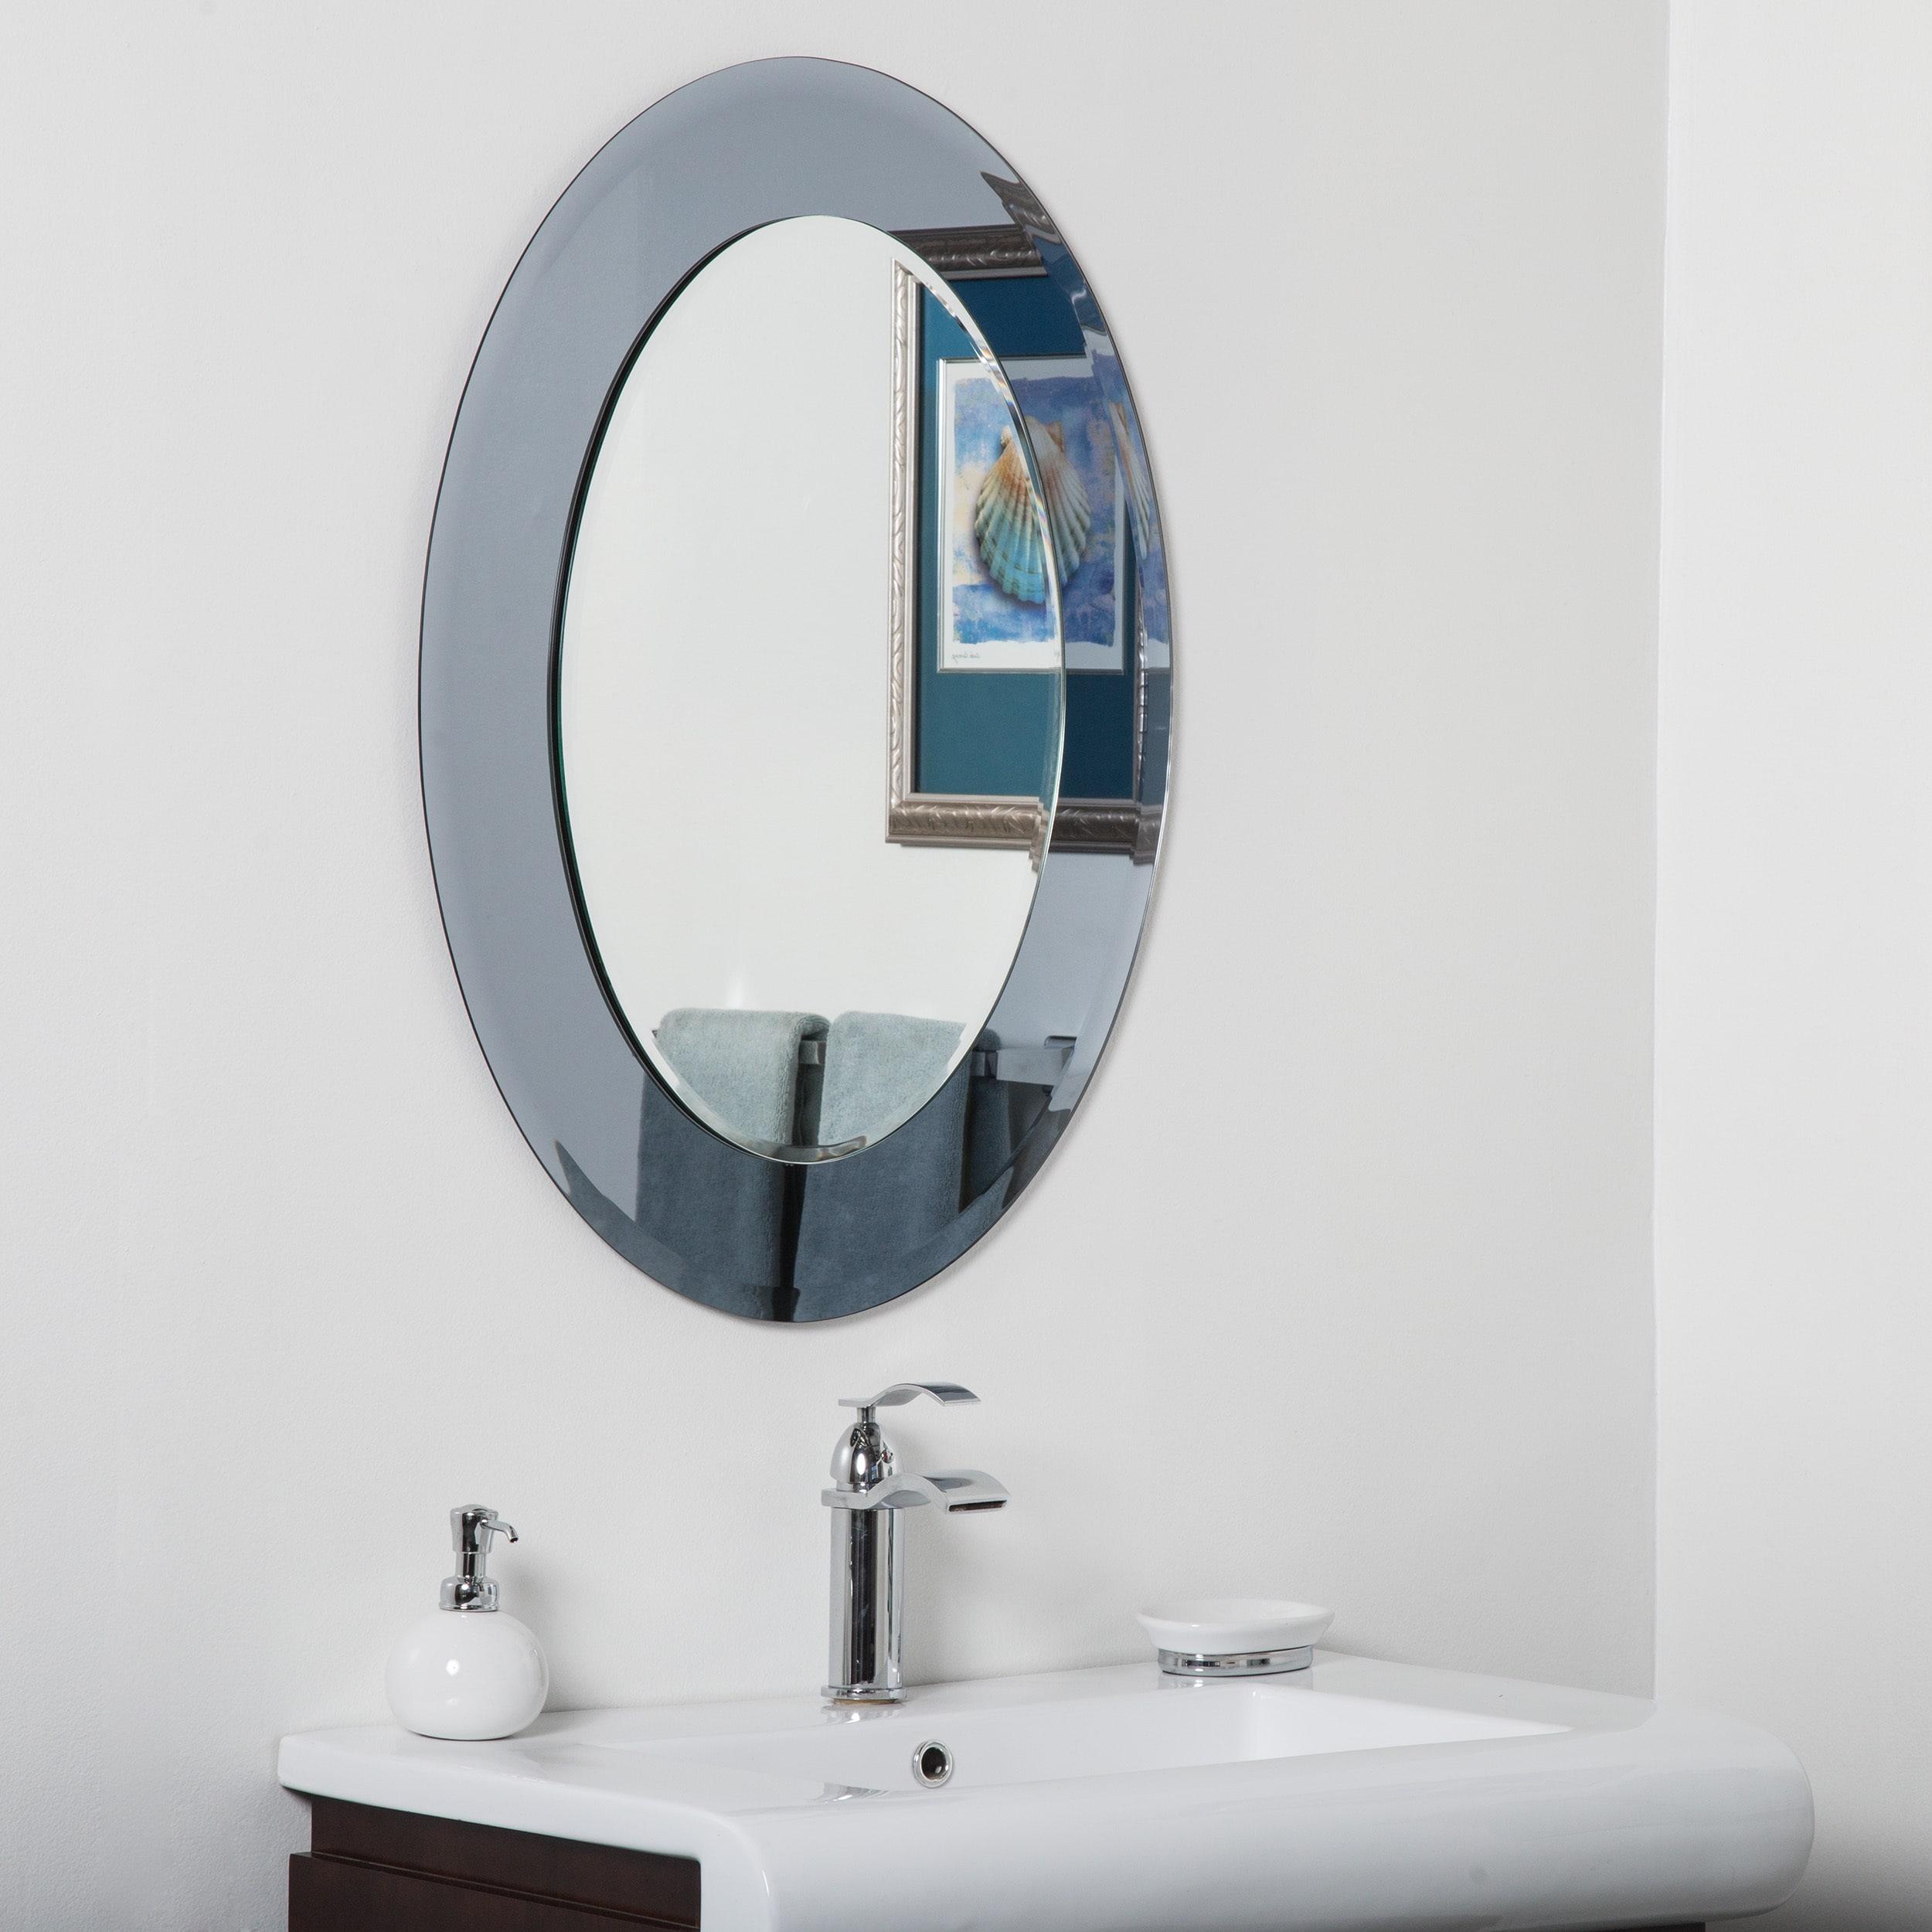 Shop Cayman Glass Beveled Round Bathroom Mirror - Grey/Silver - N/A ...